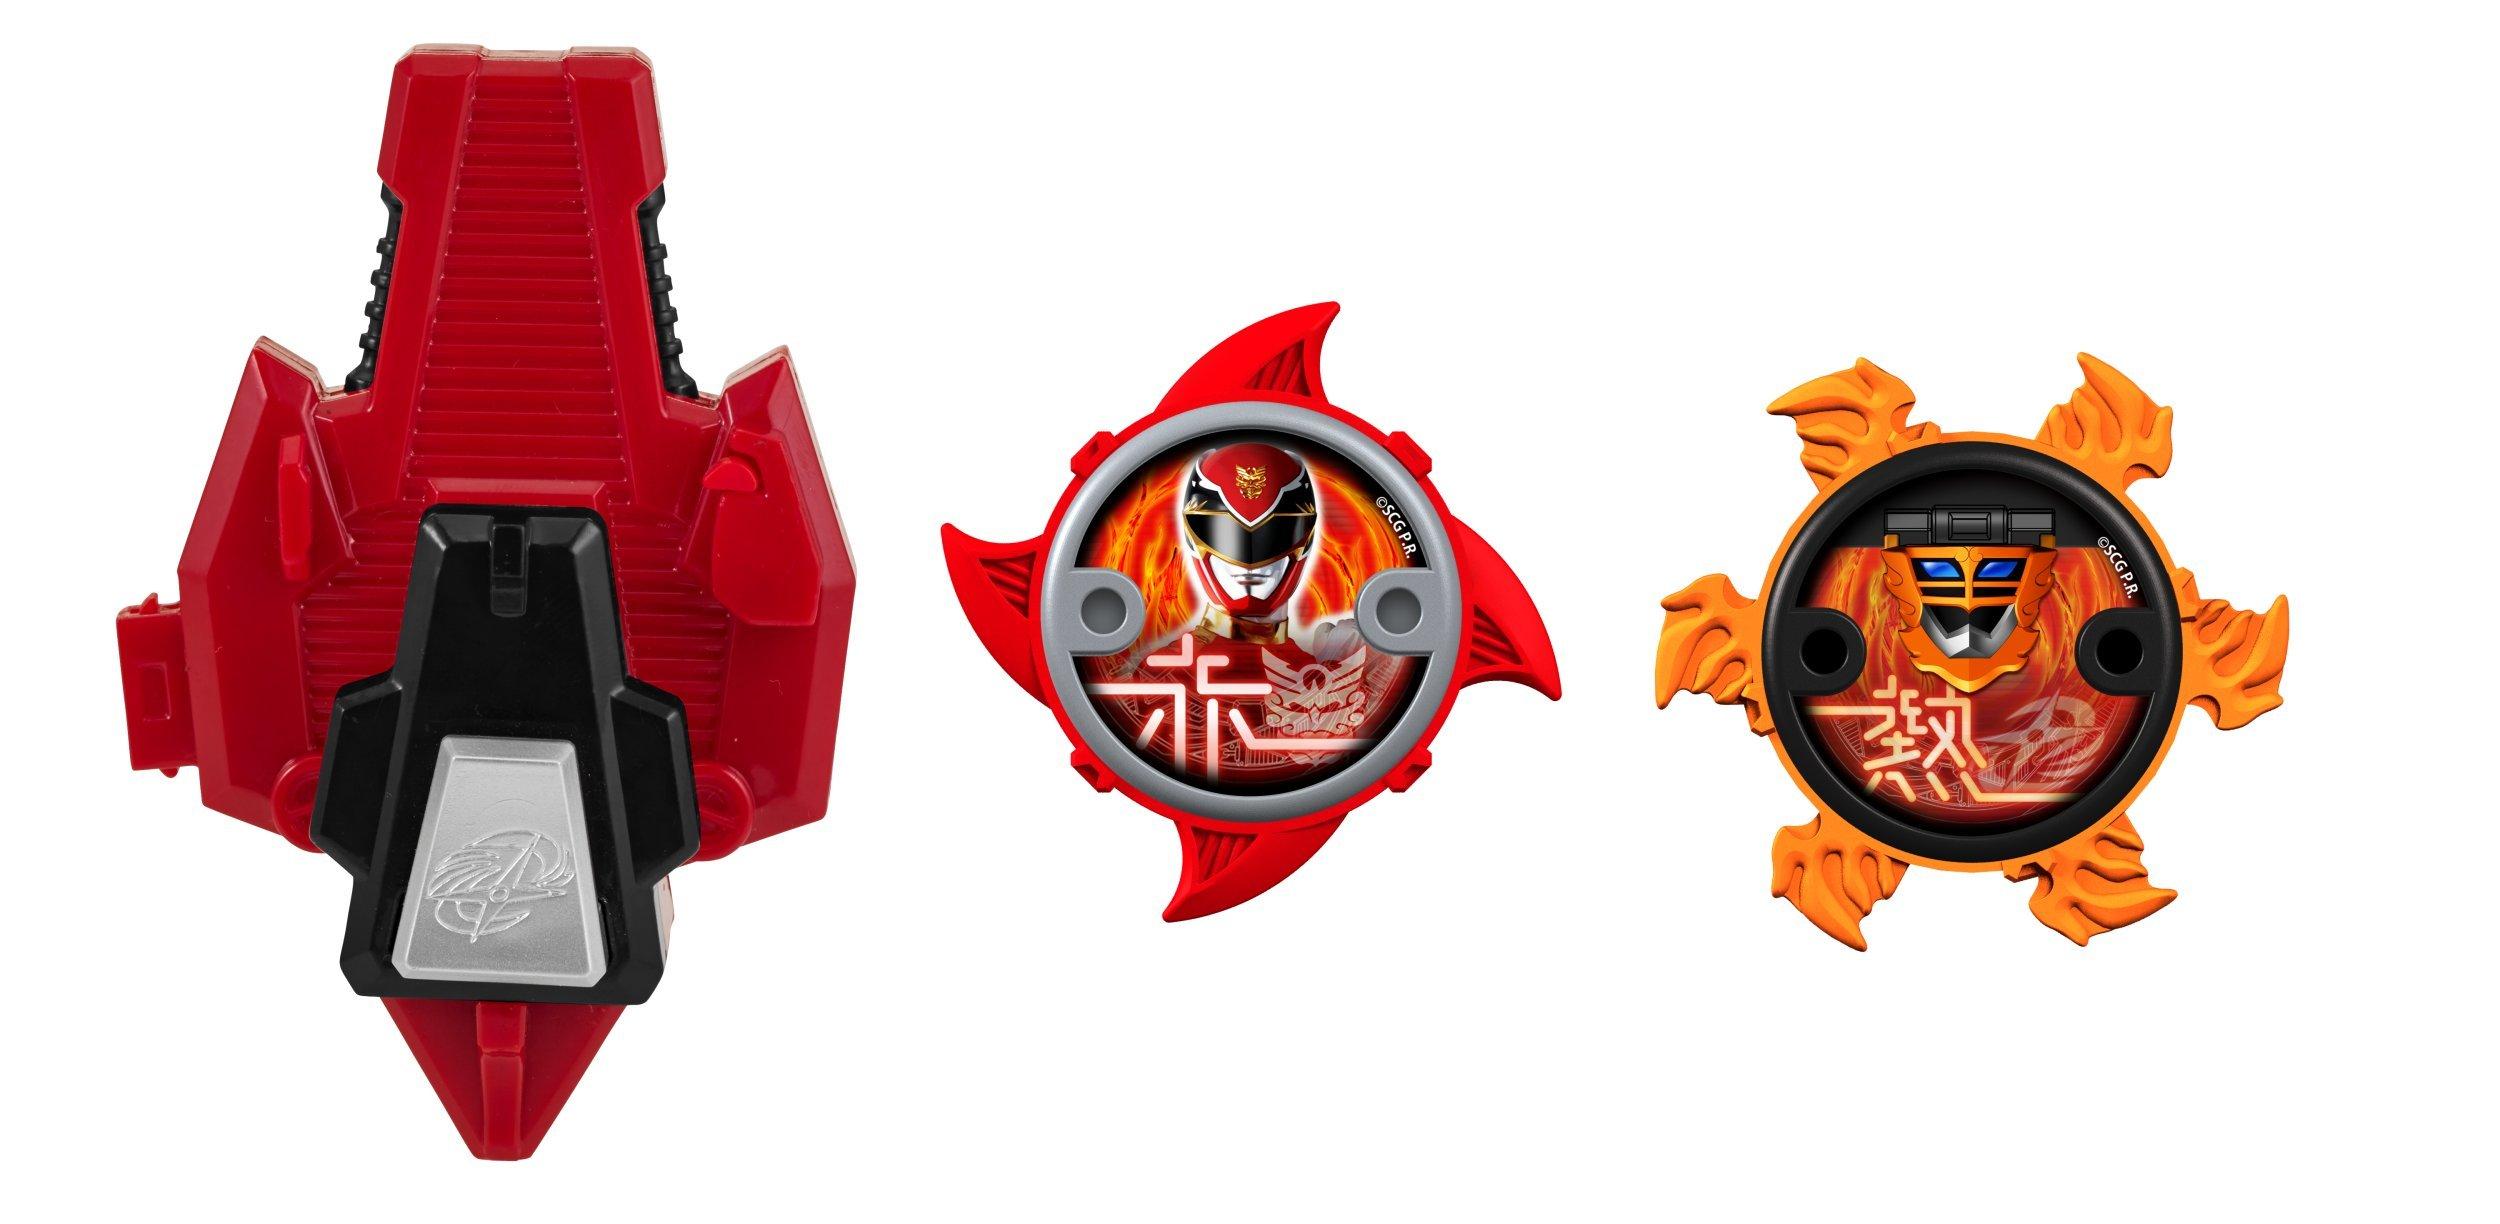 Power Rangers Super Steel Ninja Power Star Pack, Kodiak Zord